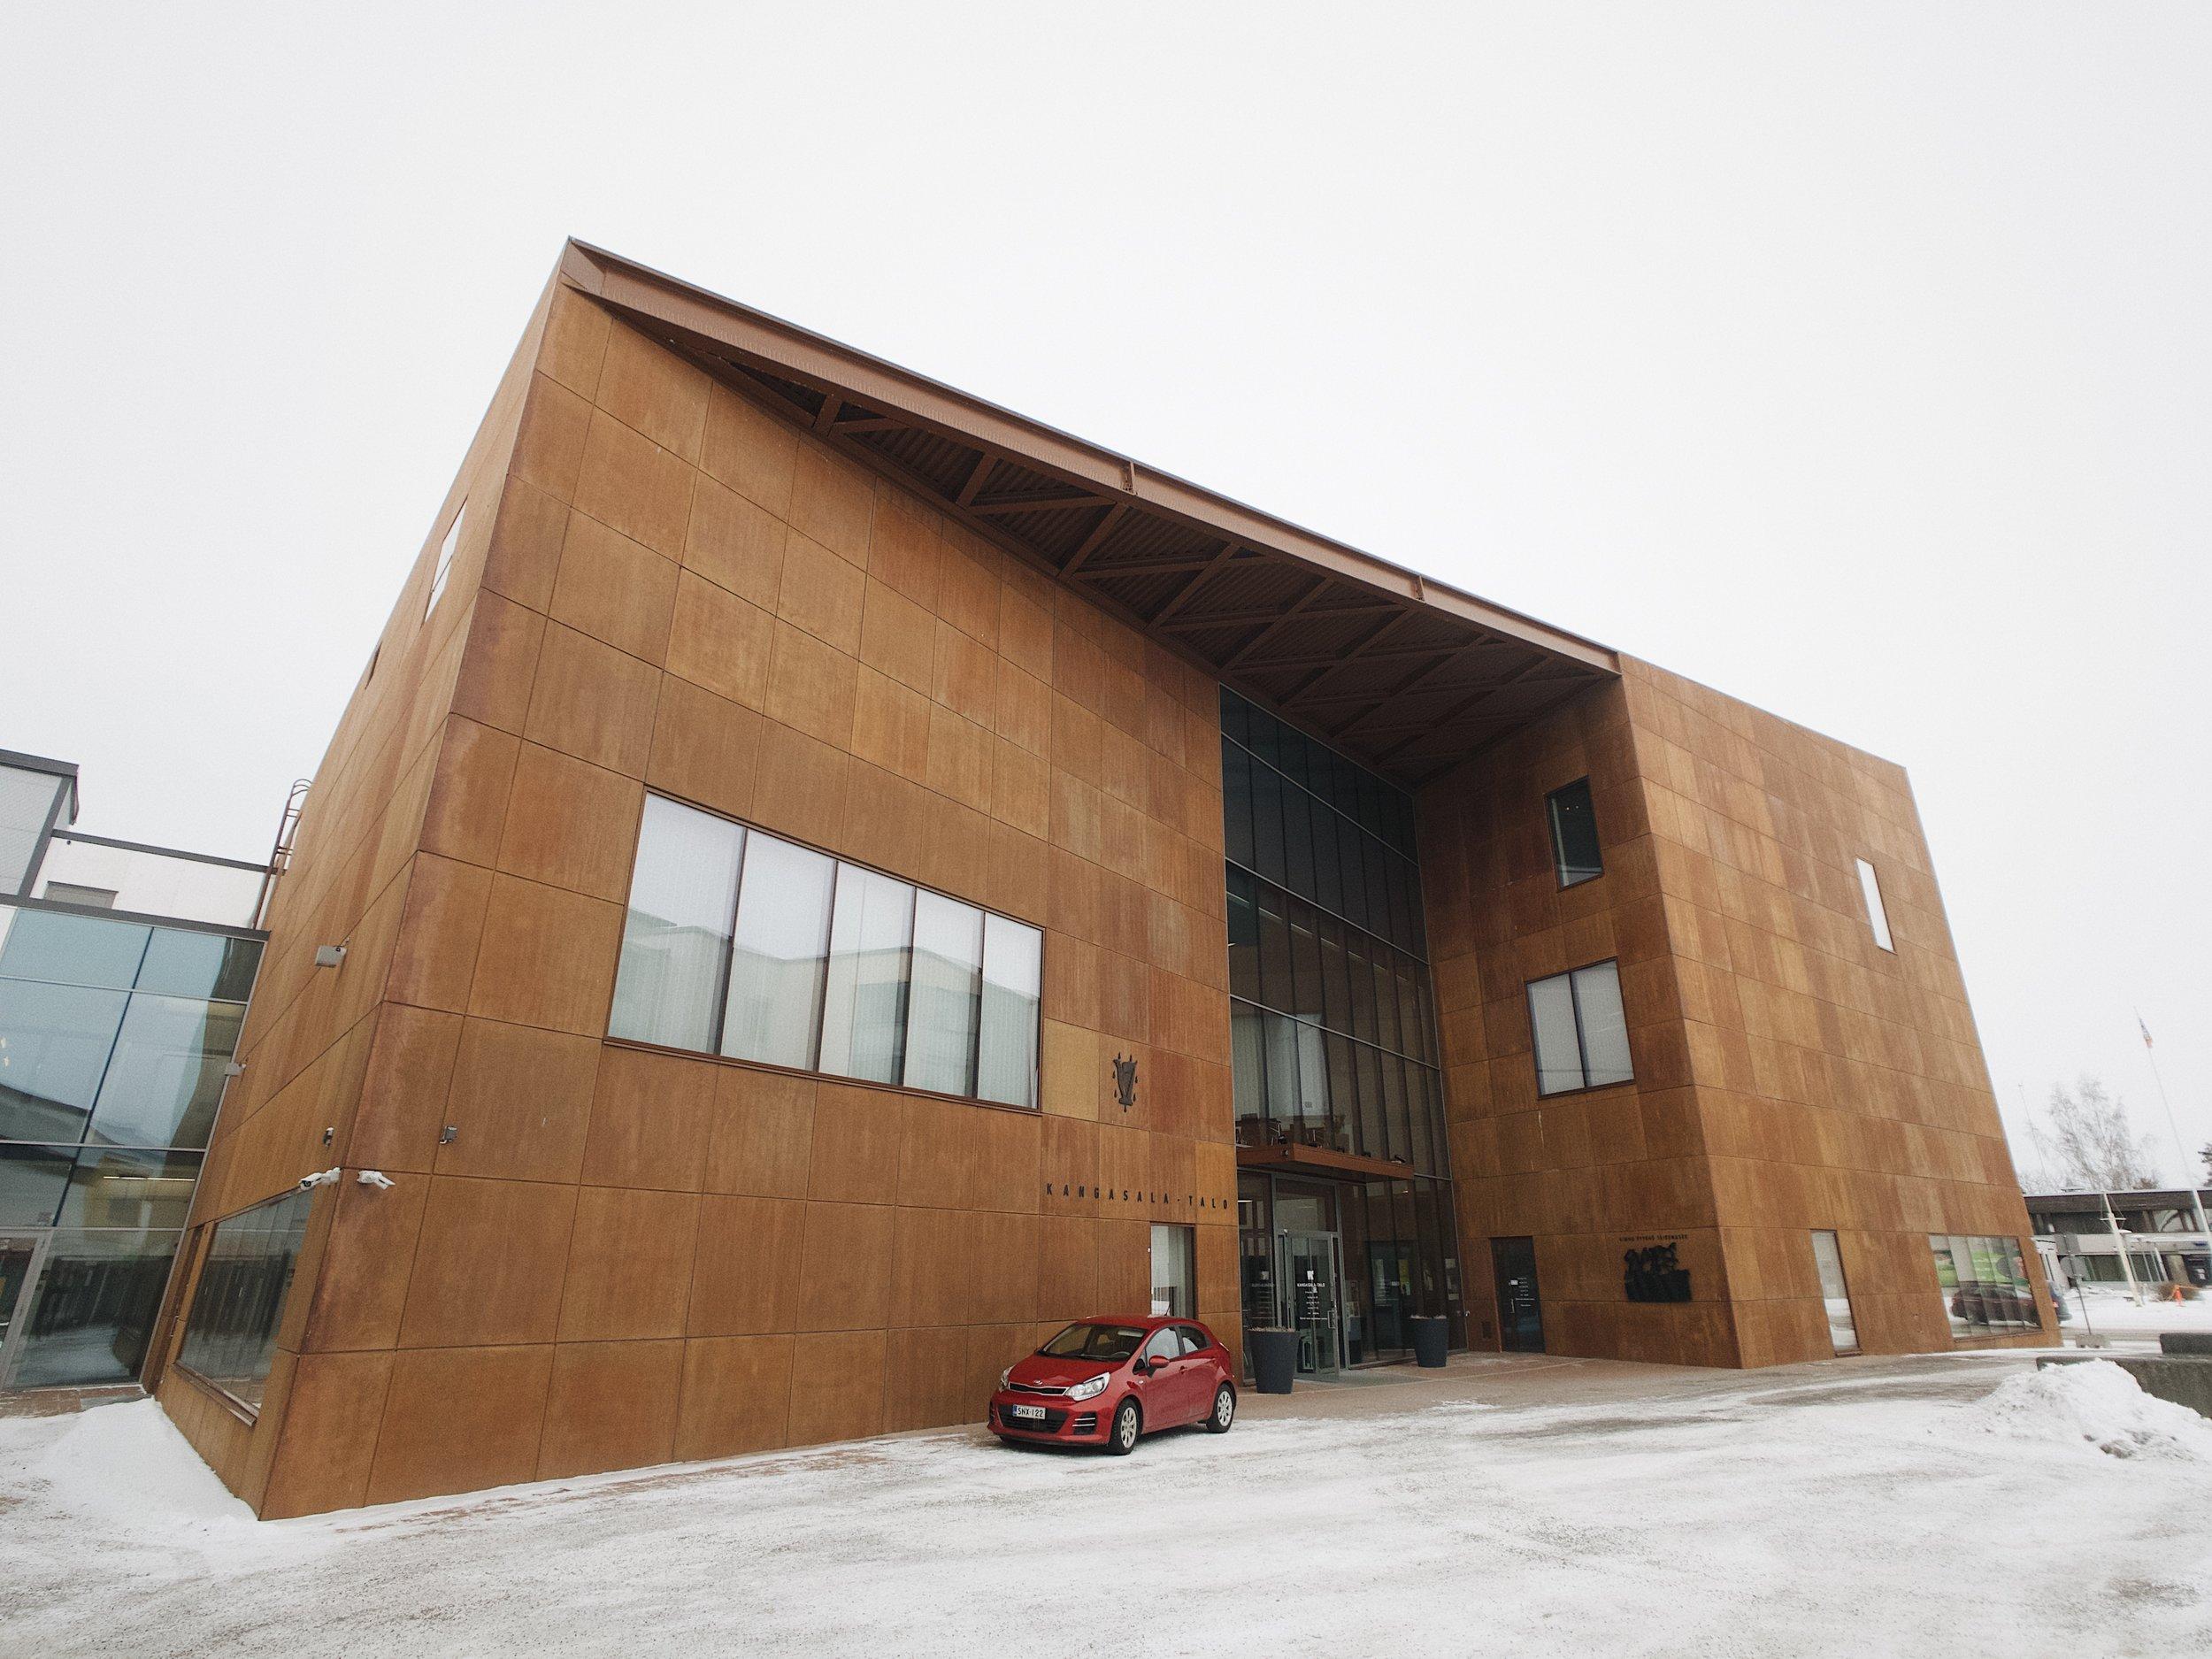 Kangasalan Kulttuuritalo, Kangasala